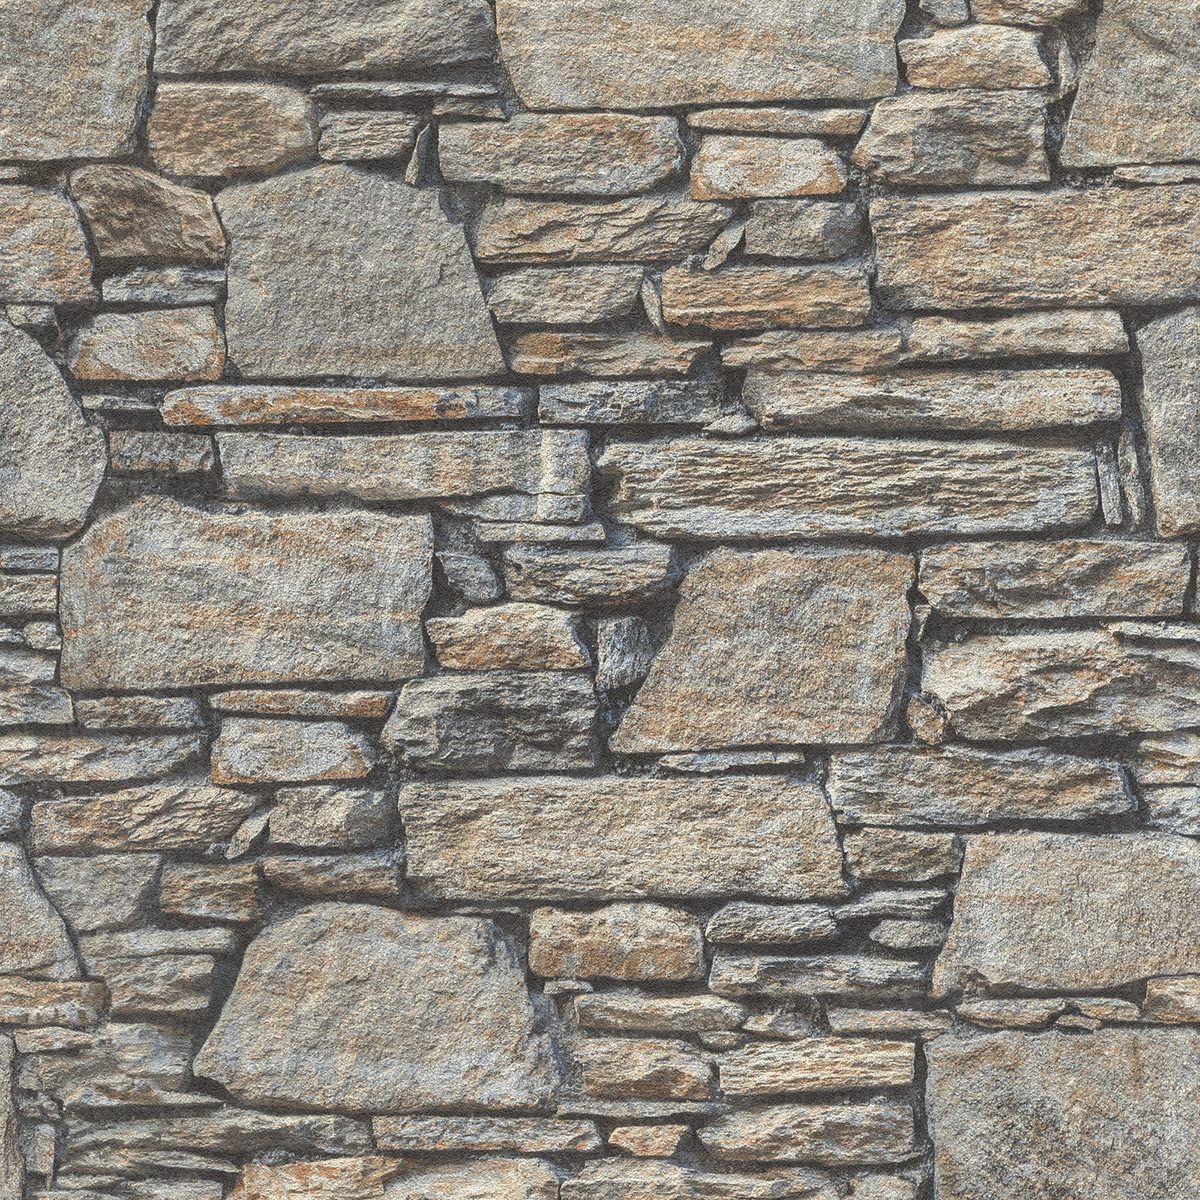 тапет #СмениТапетите камък сив